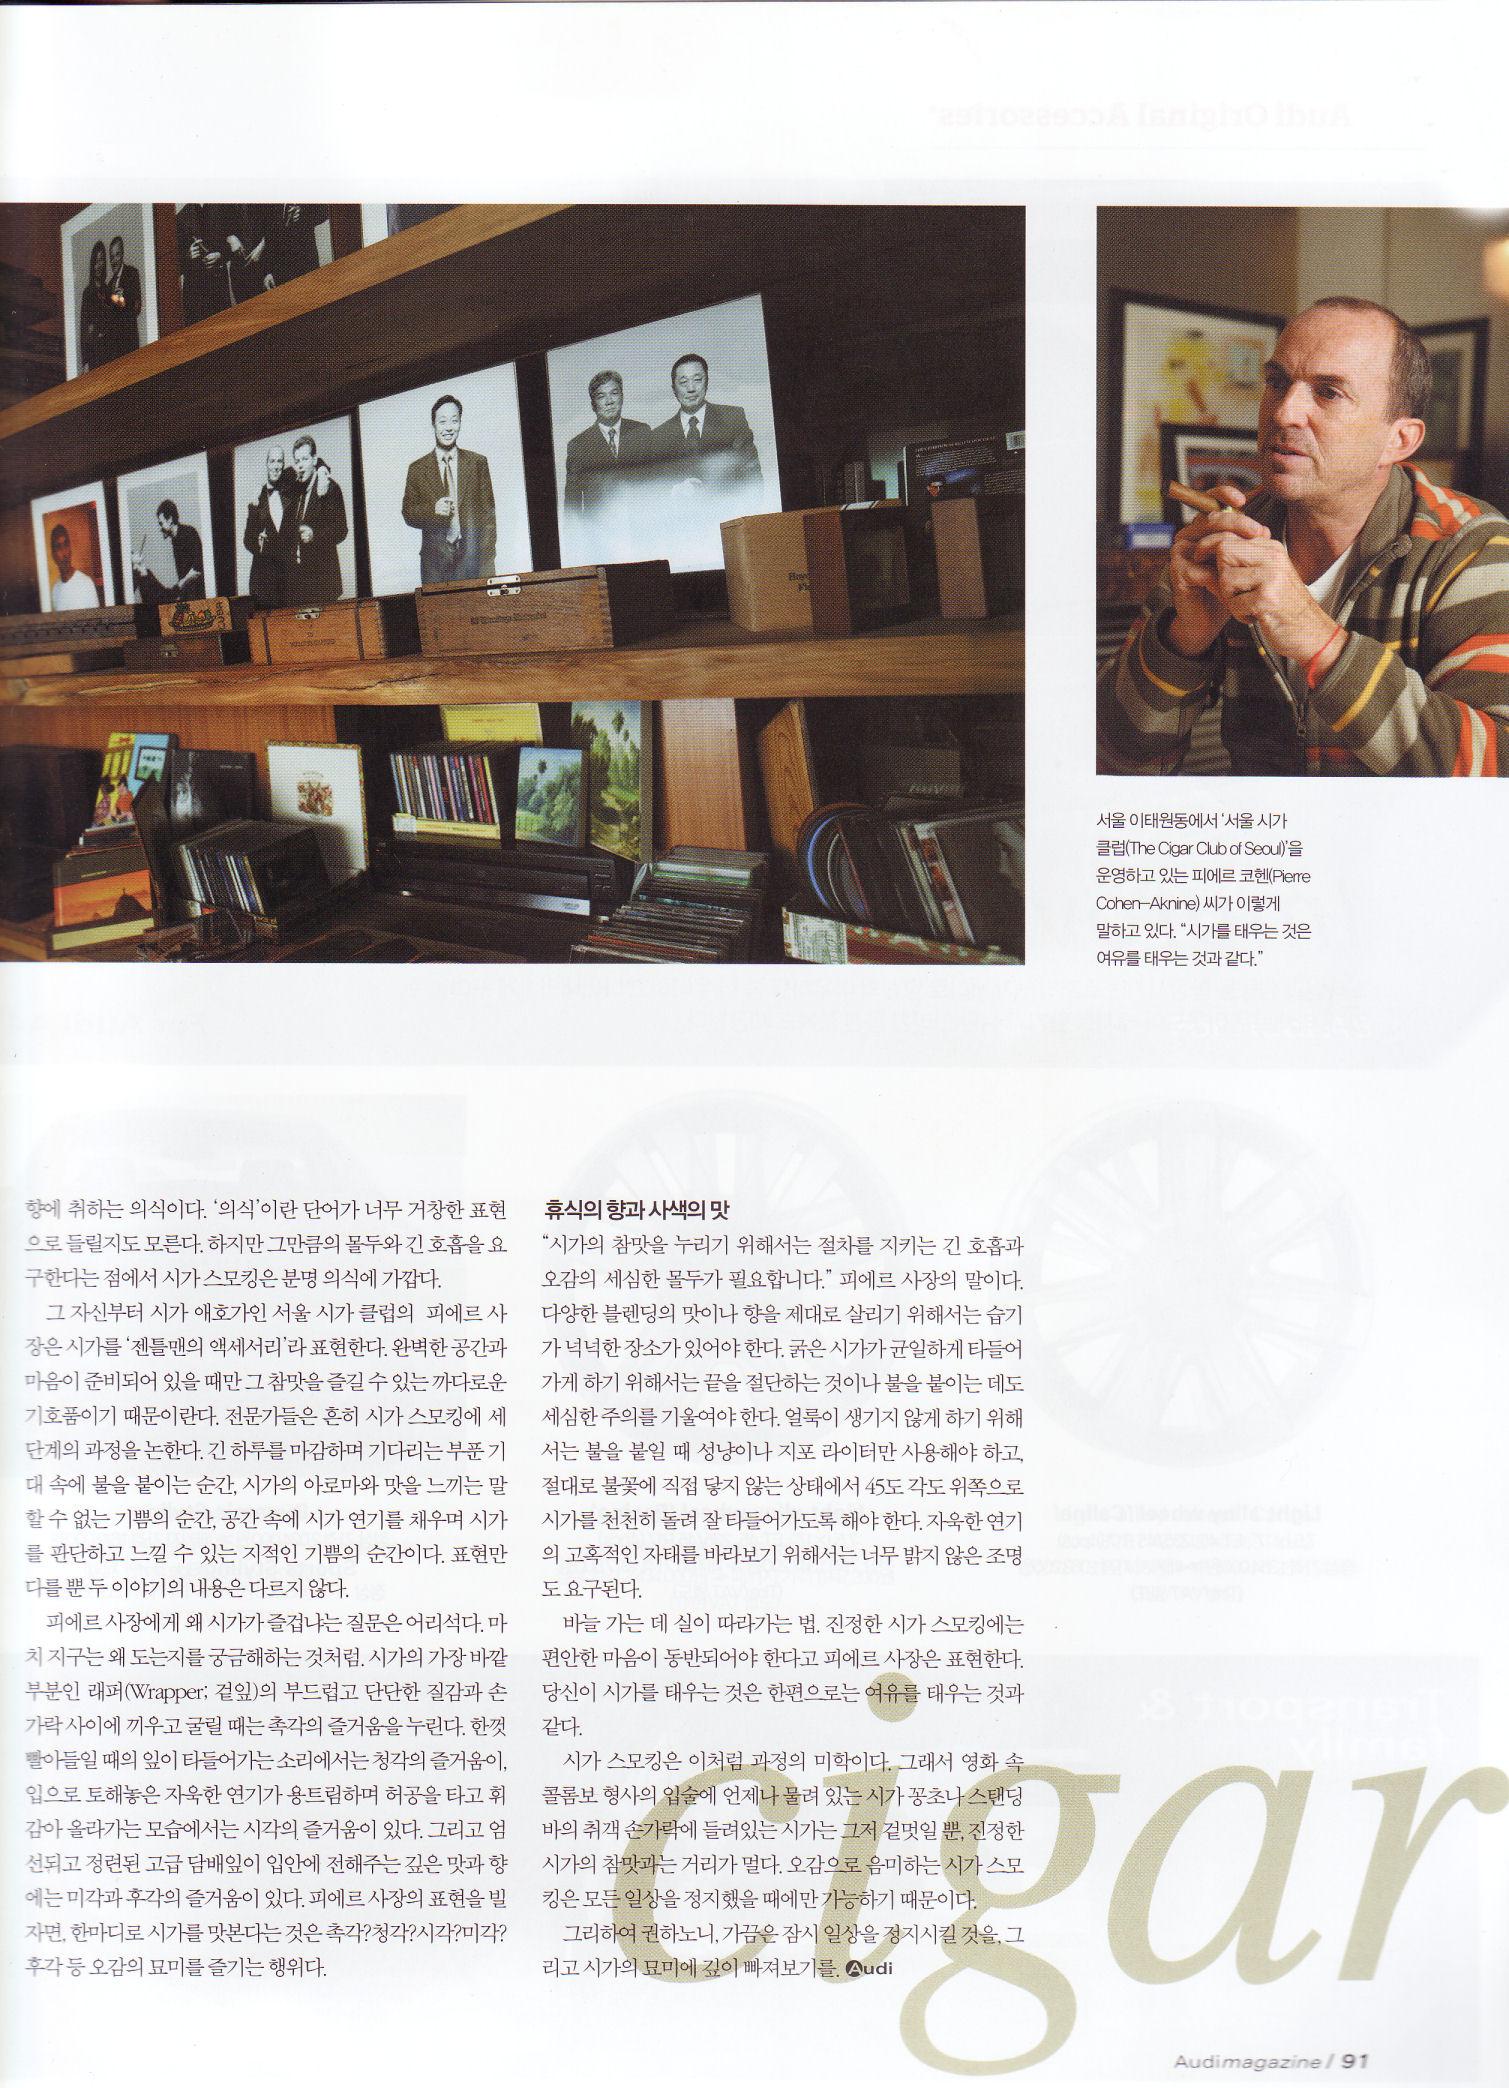 2006-11 Audi mag article 4.jpg